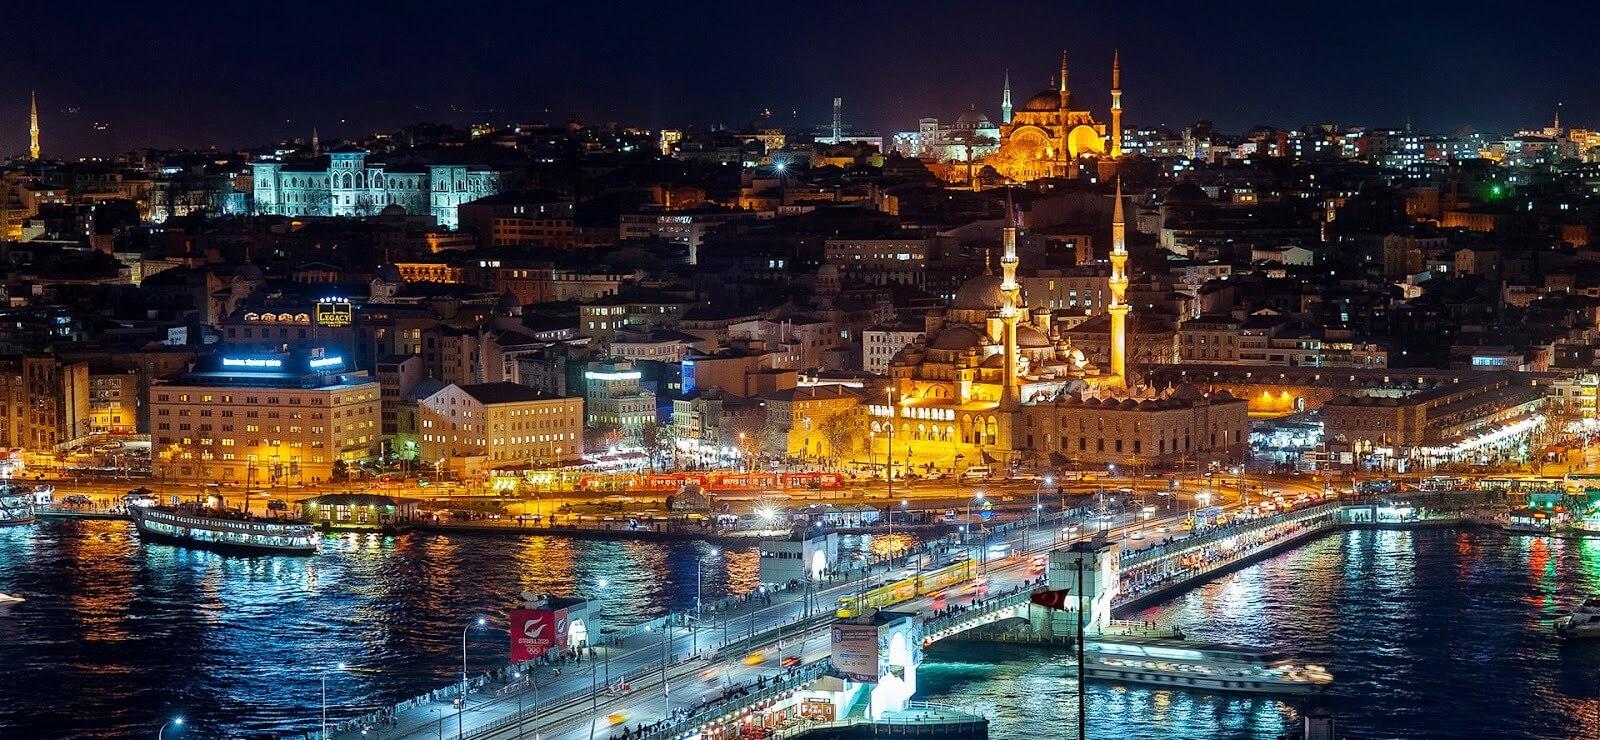 Φθηνές πτήσεις από Κωνσταντινούπολη